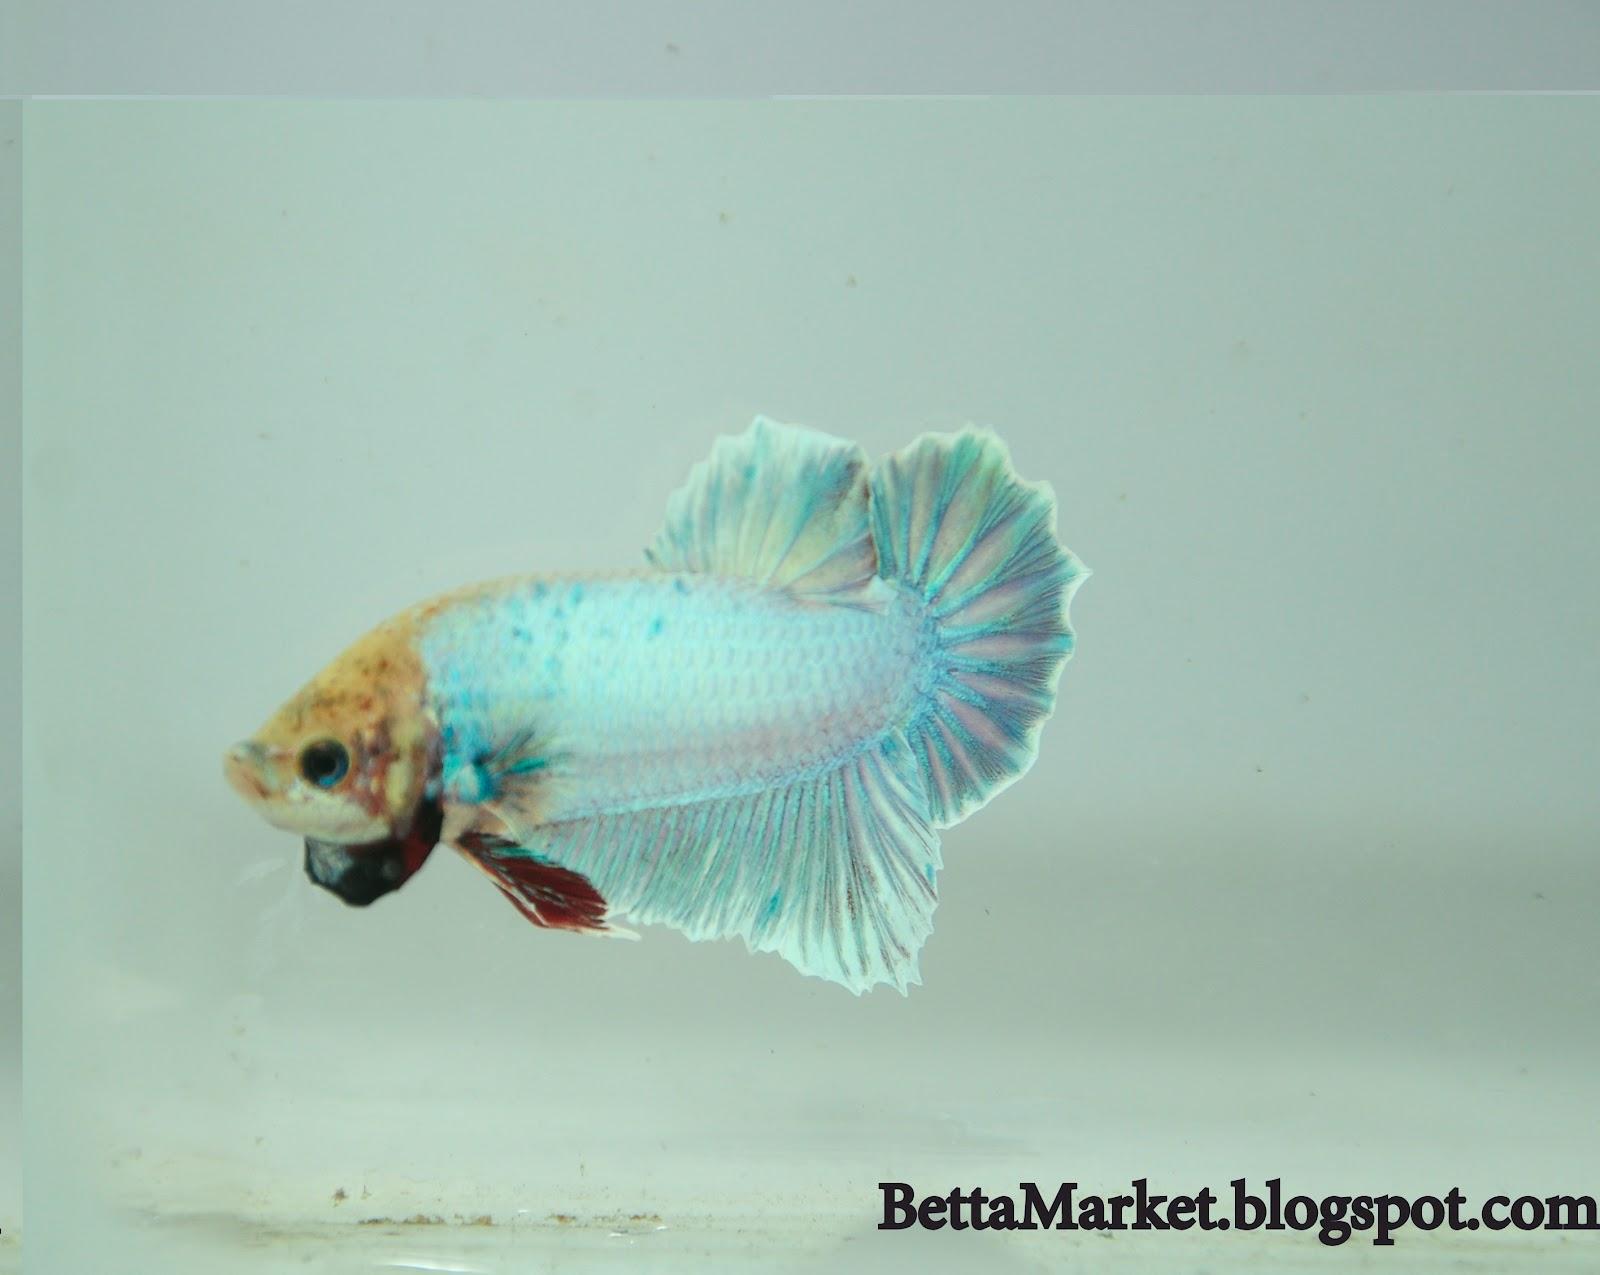 Bettamarket beautiful betta fish for Prettiest betta fish